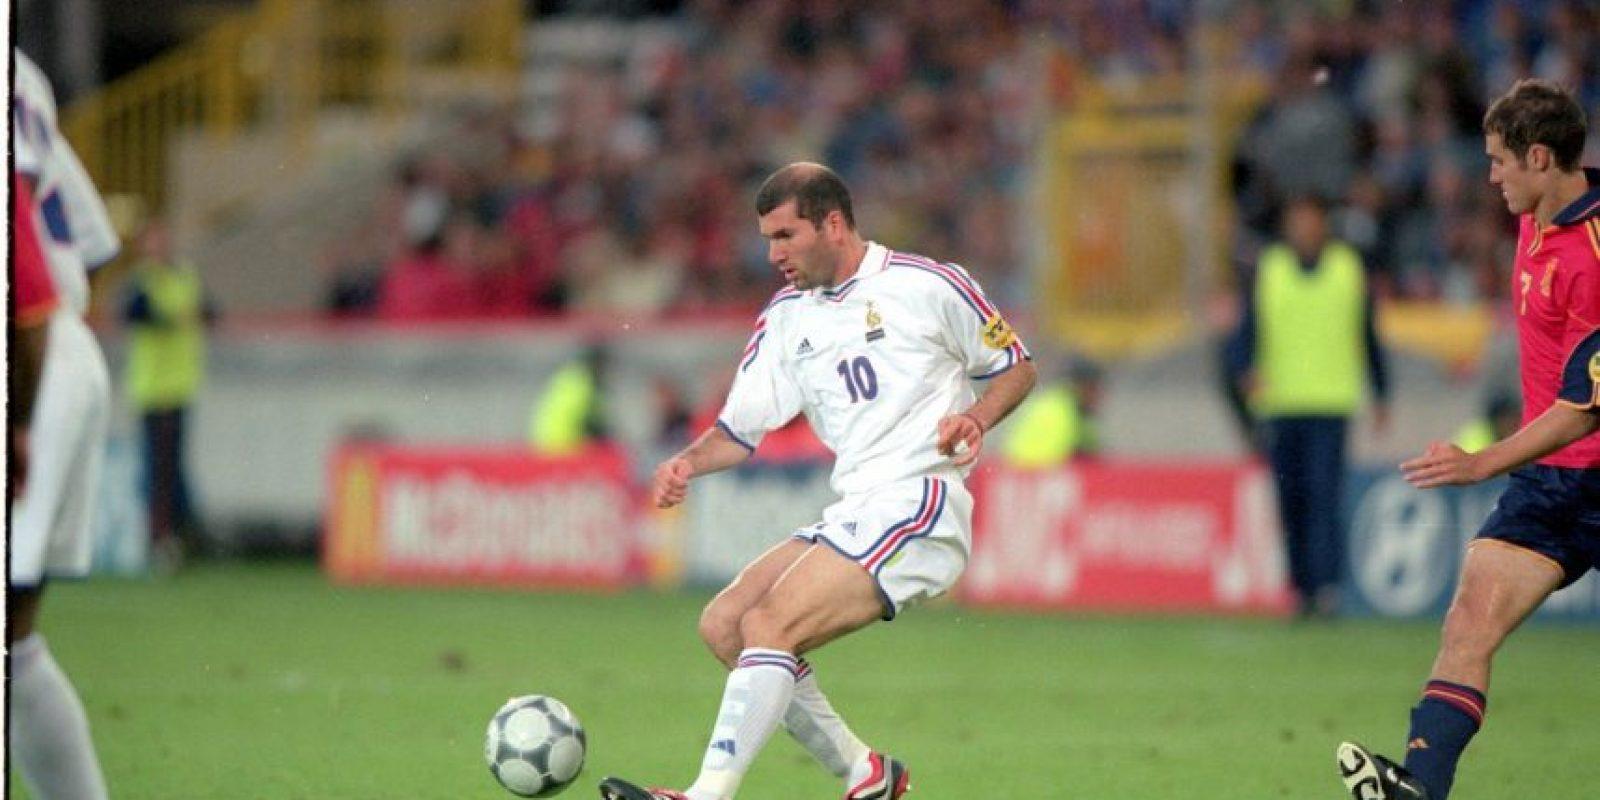 El astro francés jugó tres Eurocopa (1996, 2000 y 2004). Comandó el título que consiguieron el 2000 en Bélgica-Holanda tras vencer a Italia en la final Foto:Getty Images